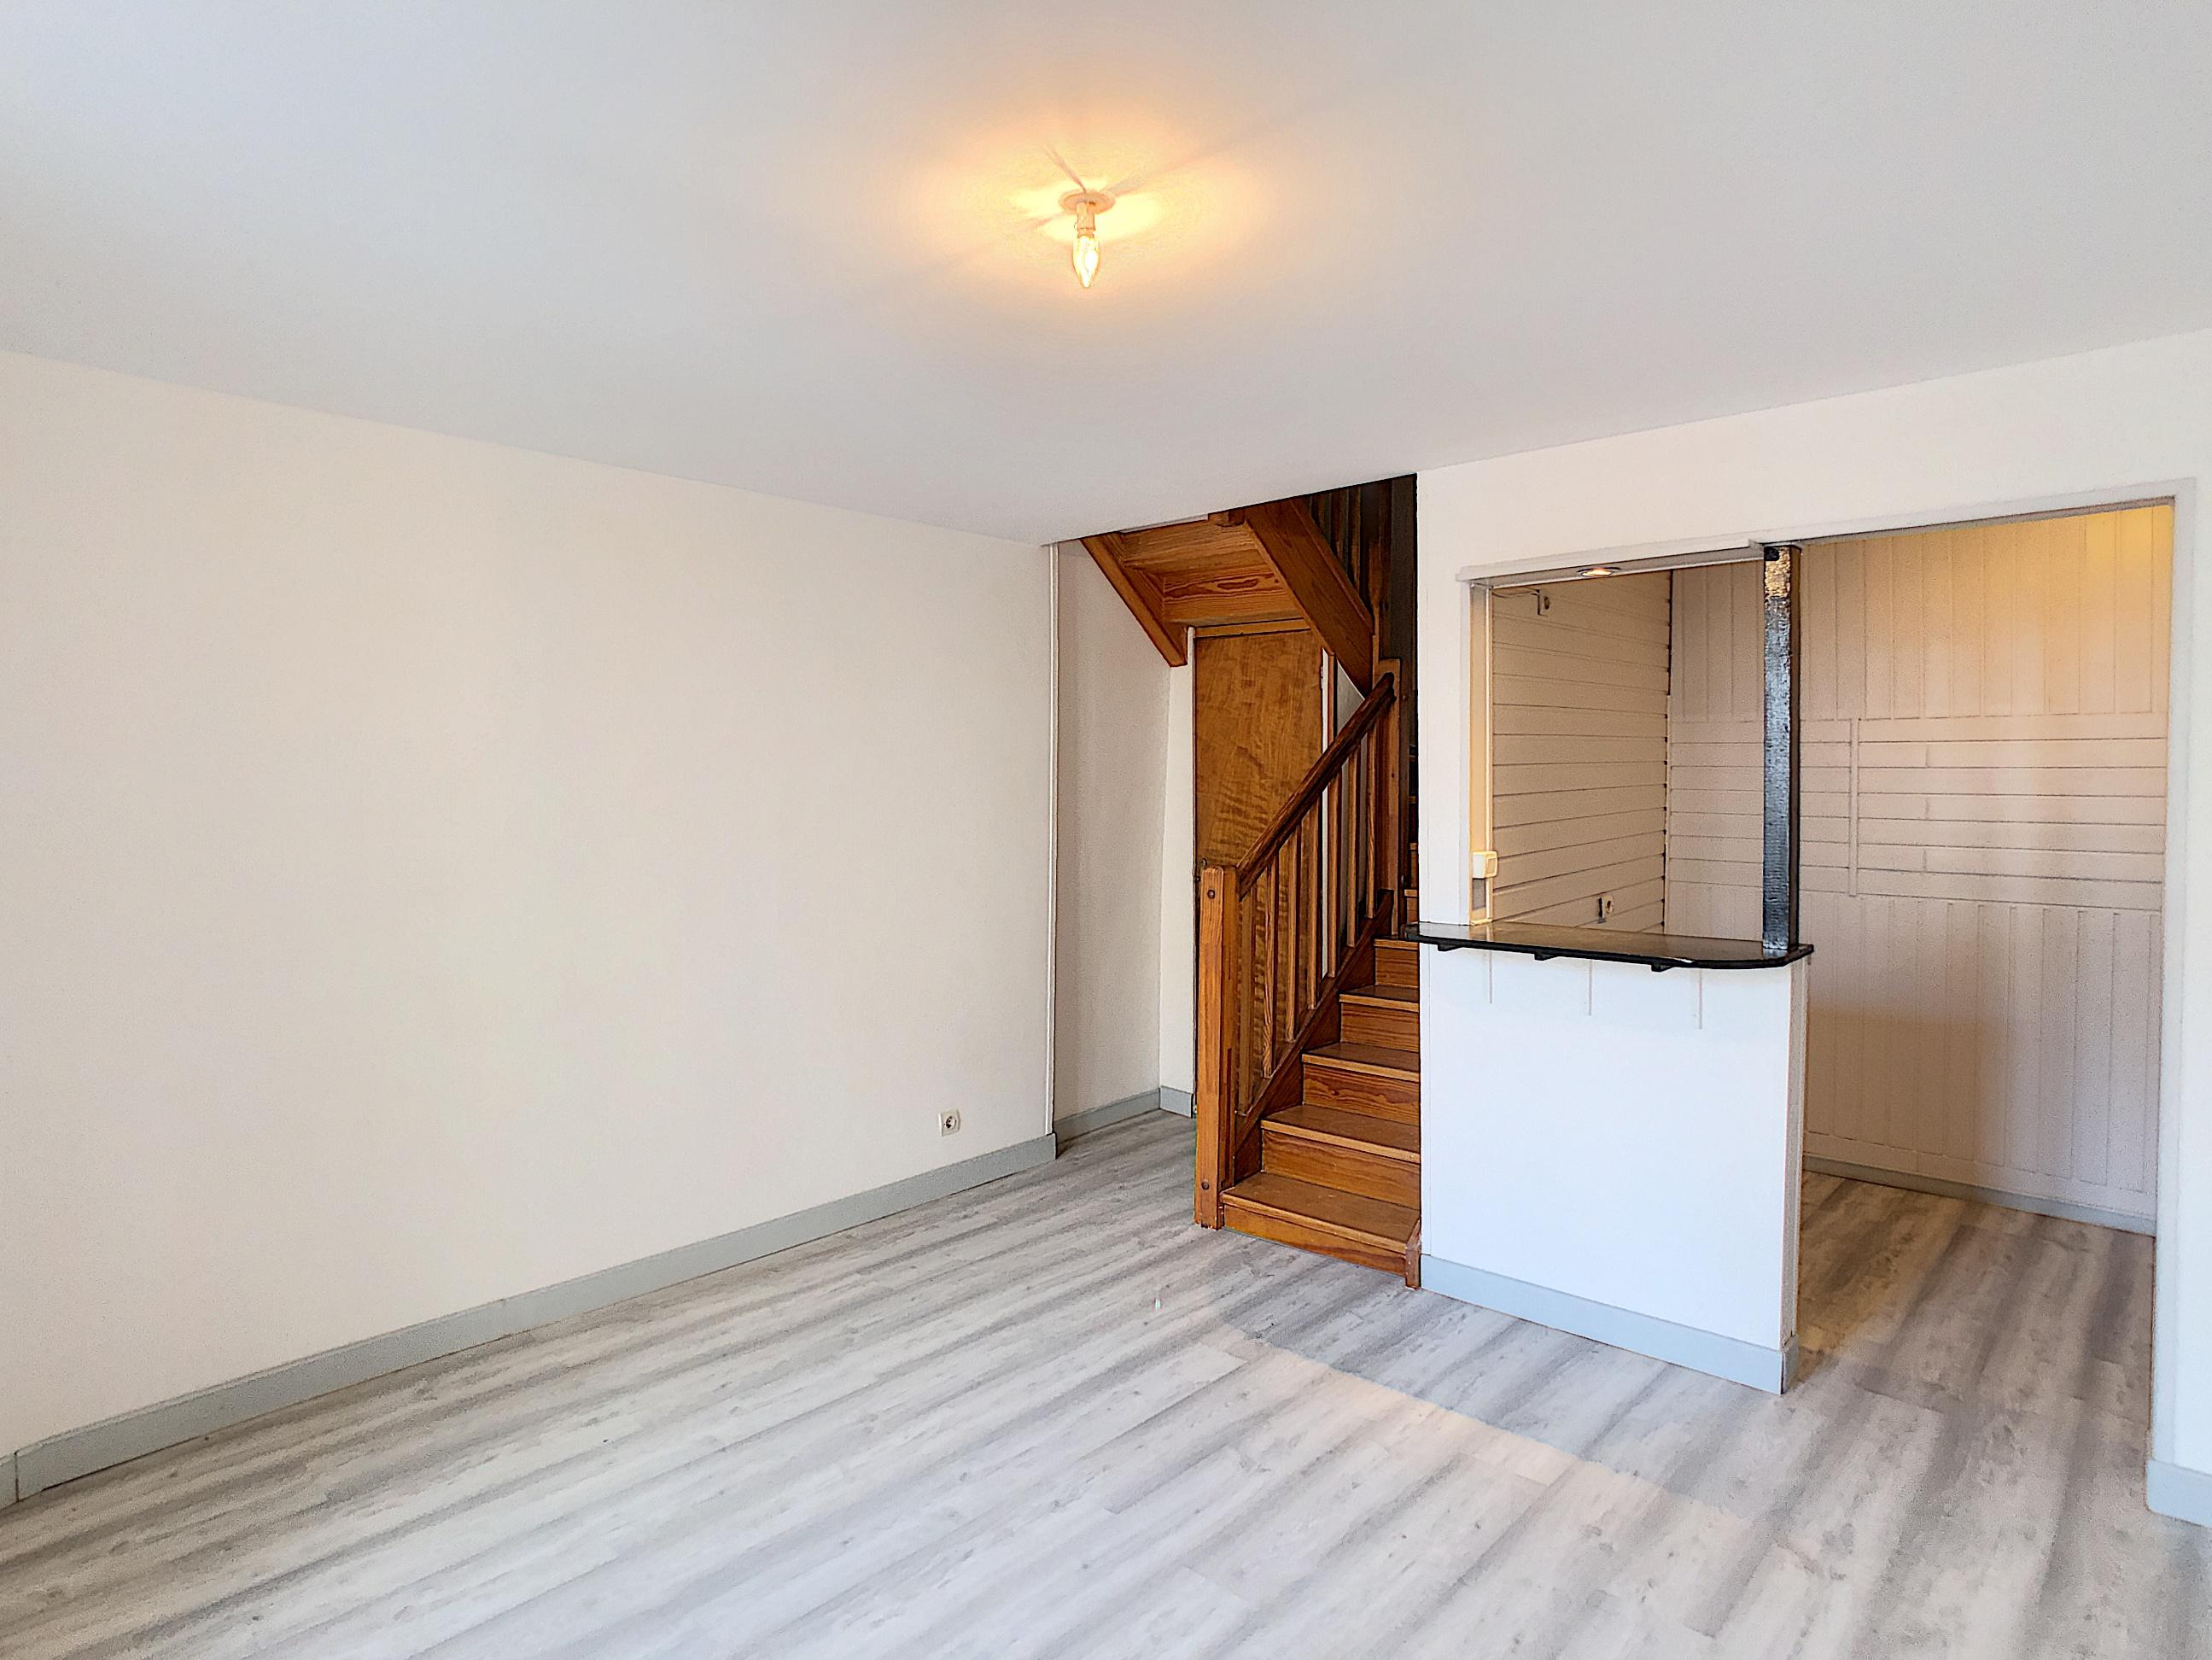 Maison mitoyenne type appartement – sans charges de copropriétés – Malzéville